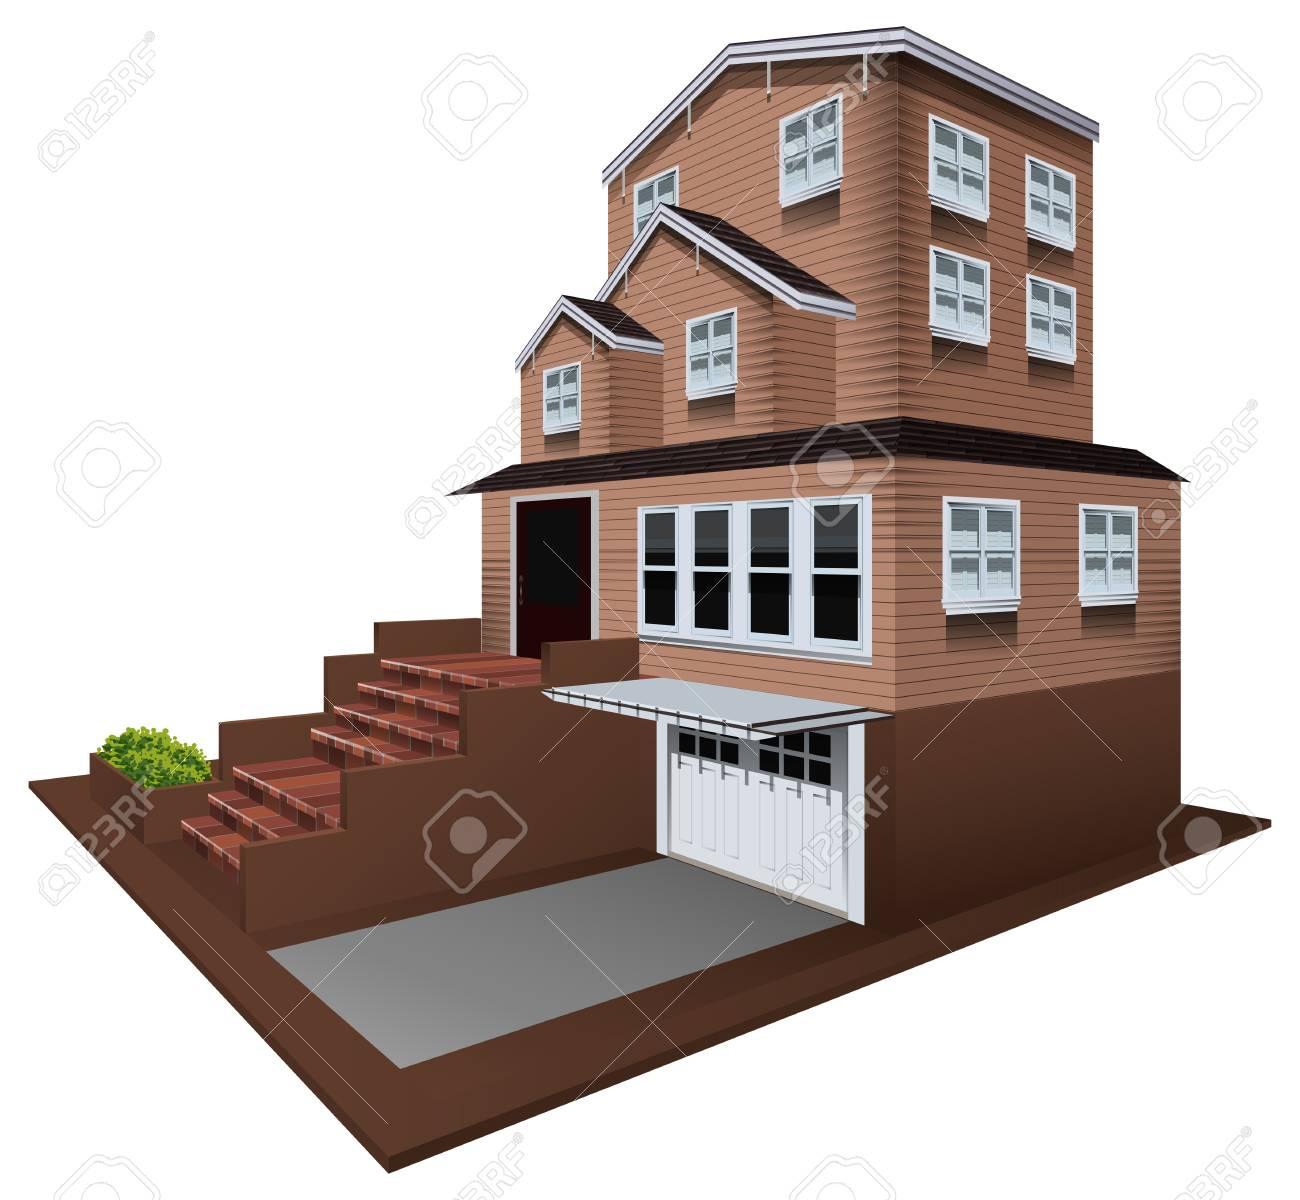 3D Design For House With Garage Illustration Banco De Imagens   76424939